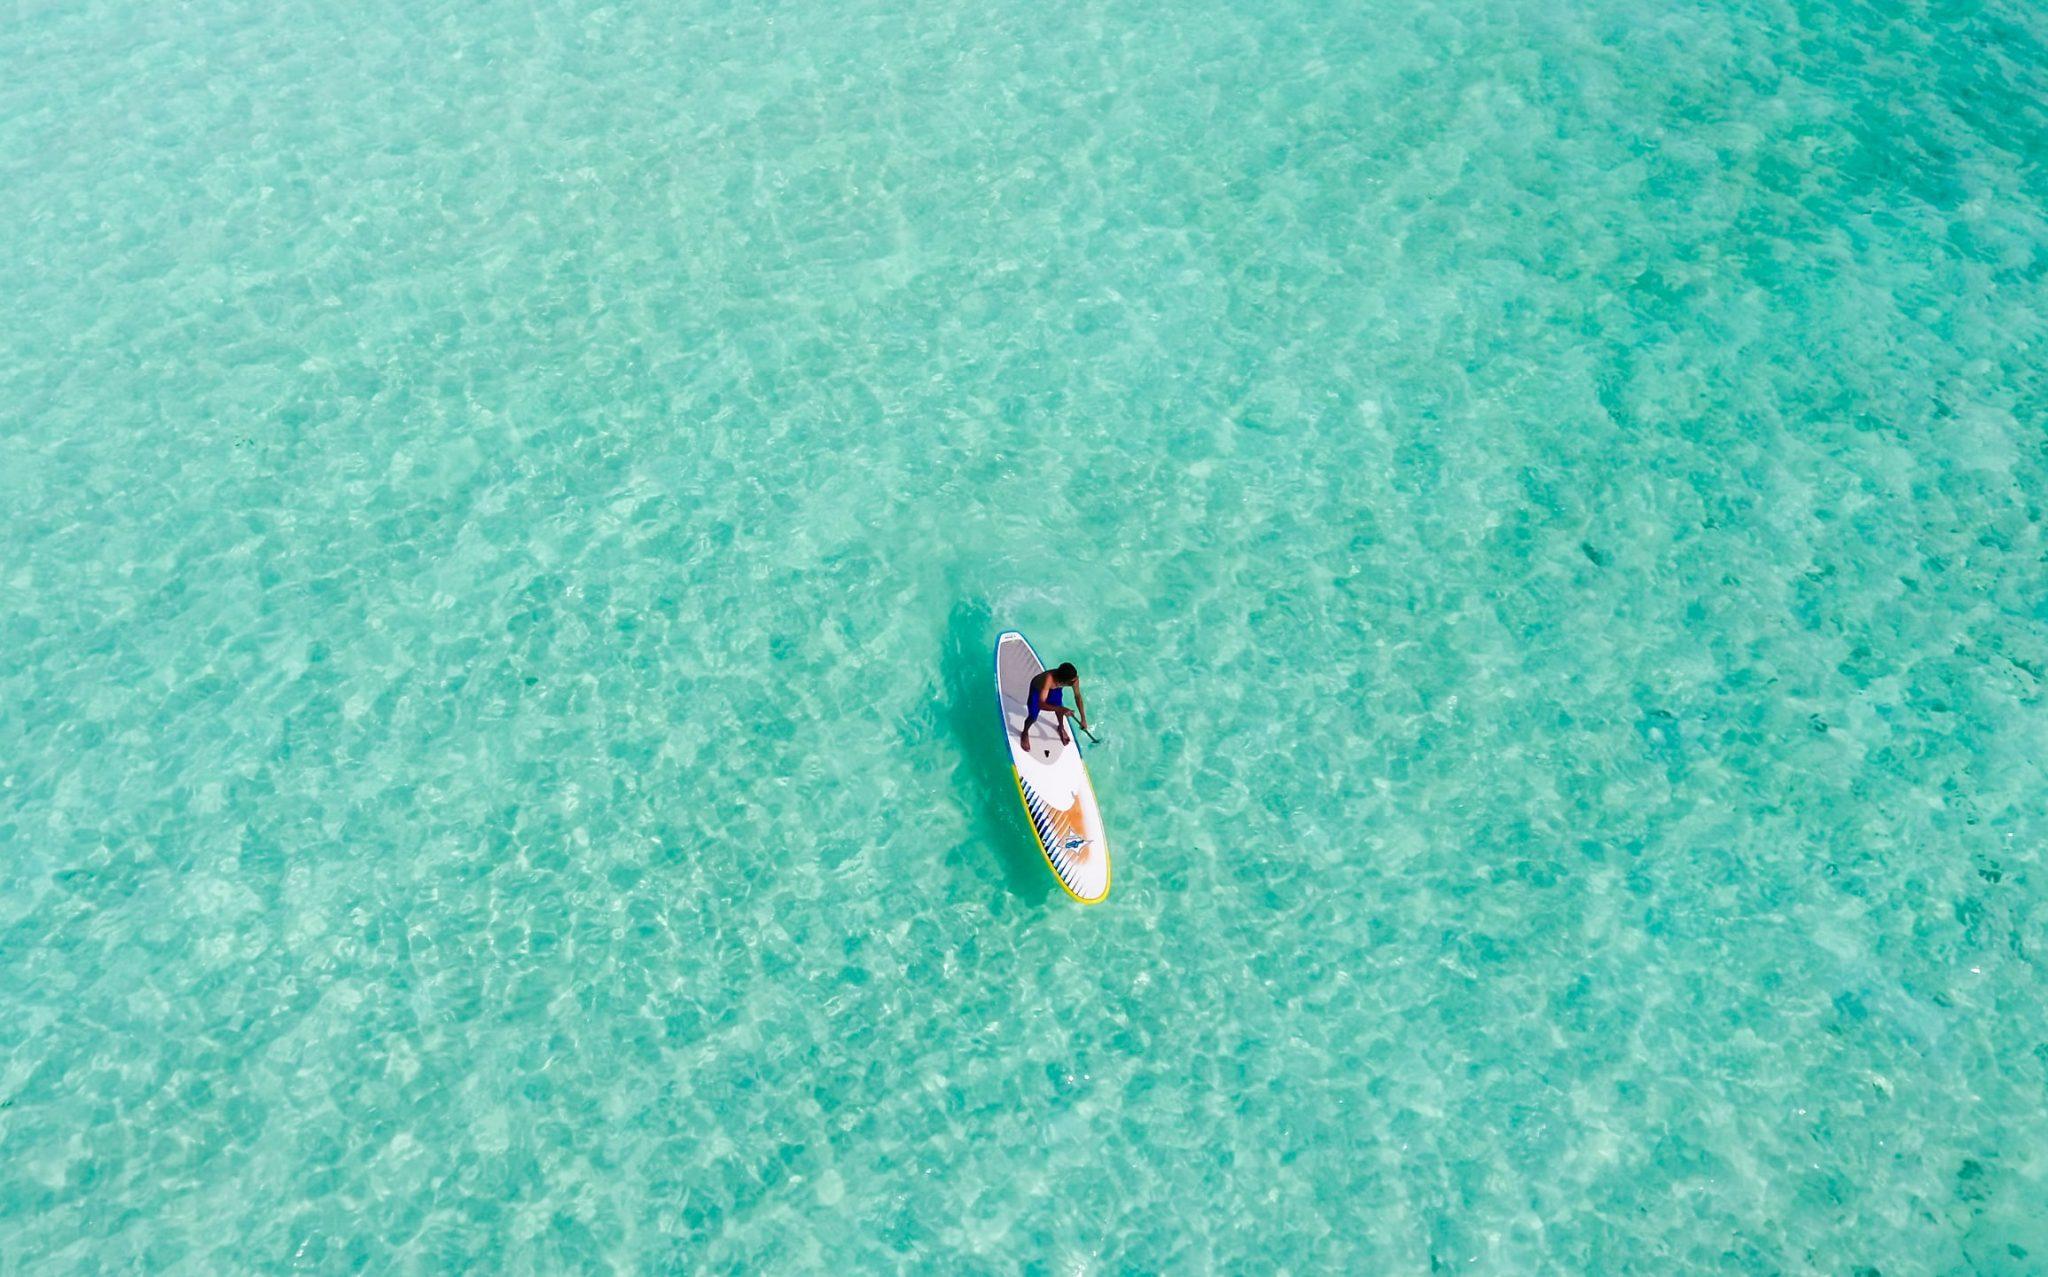 SUP surfer in Portugal beim SUP Urlaub im Surfcamp